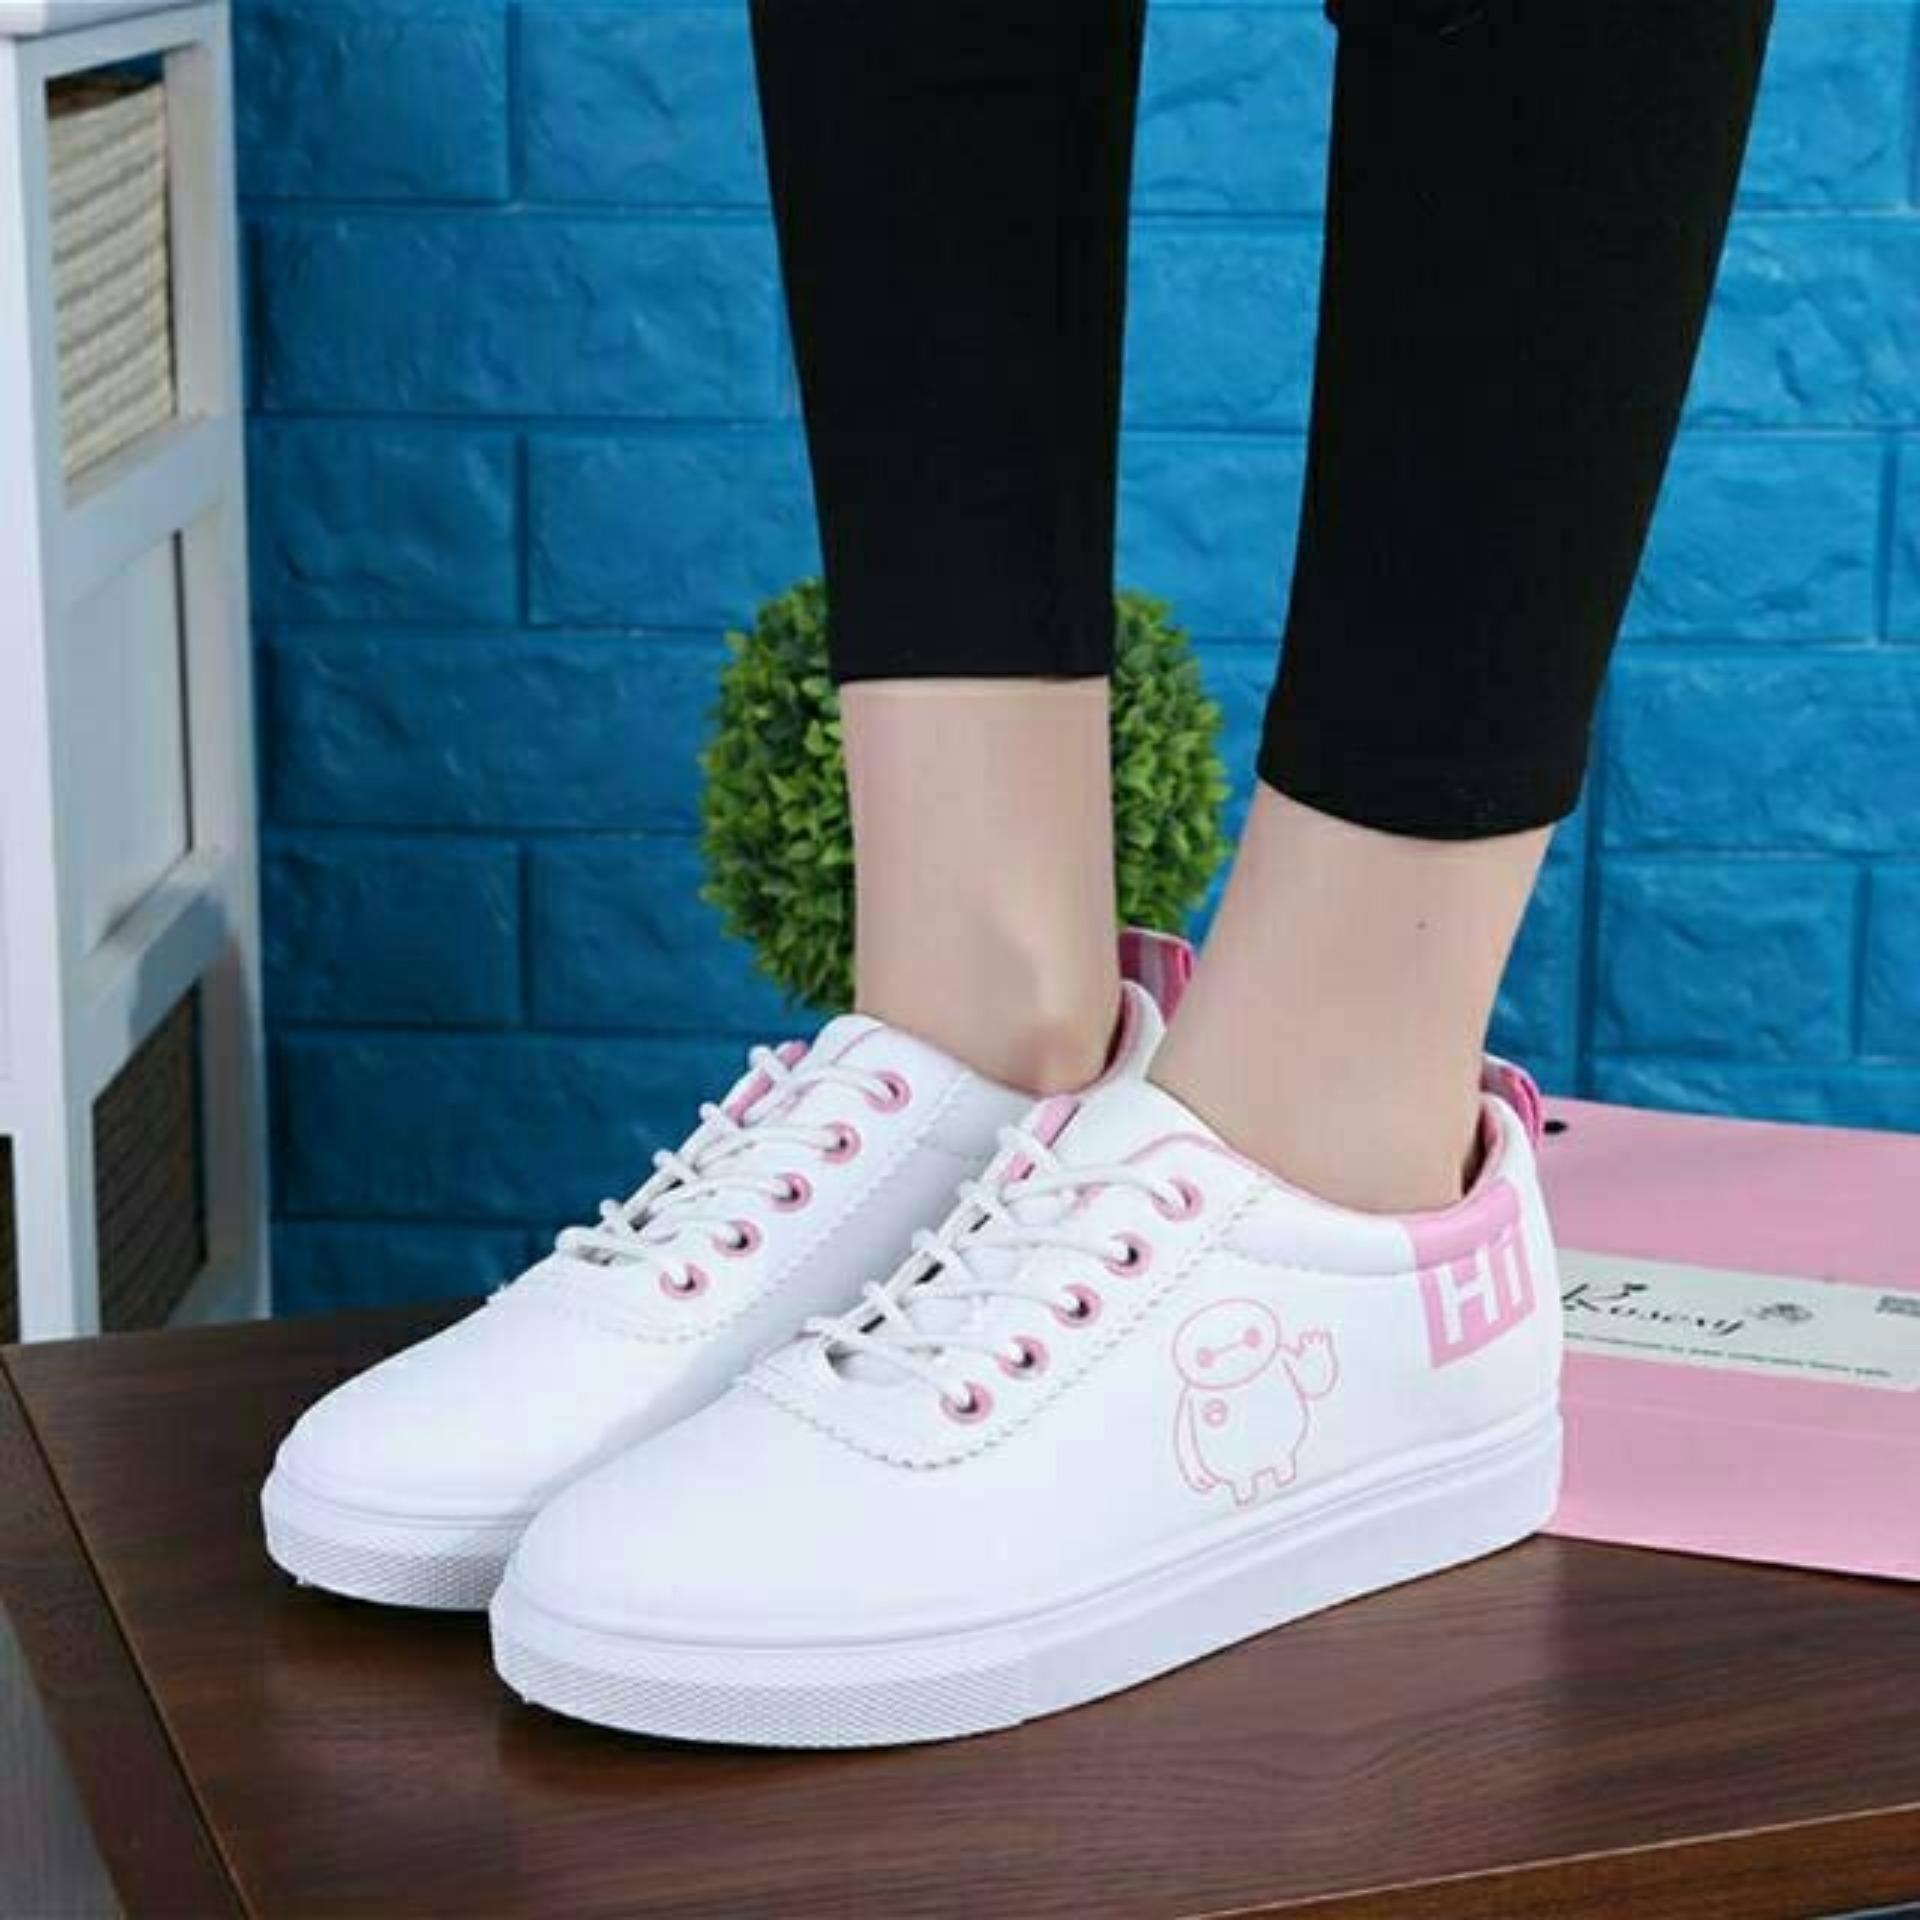 Ellen Grosir Sneaker Wanita Dov 01 Abu Abu - Cek Harga Terkini dan ... 9921107a56